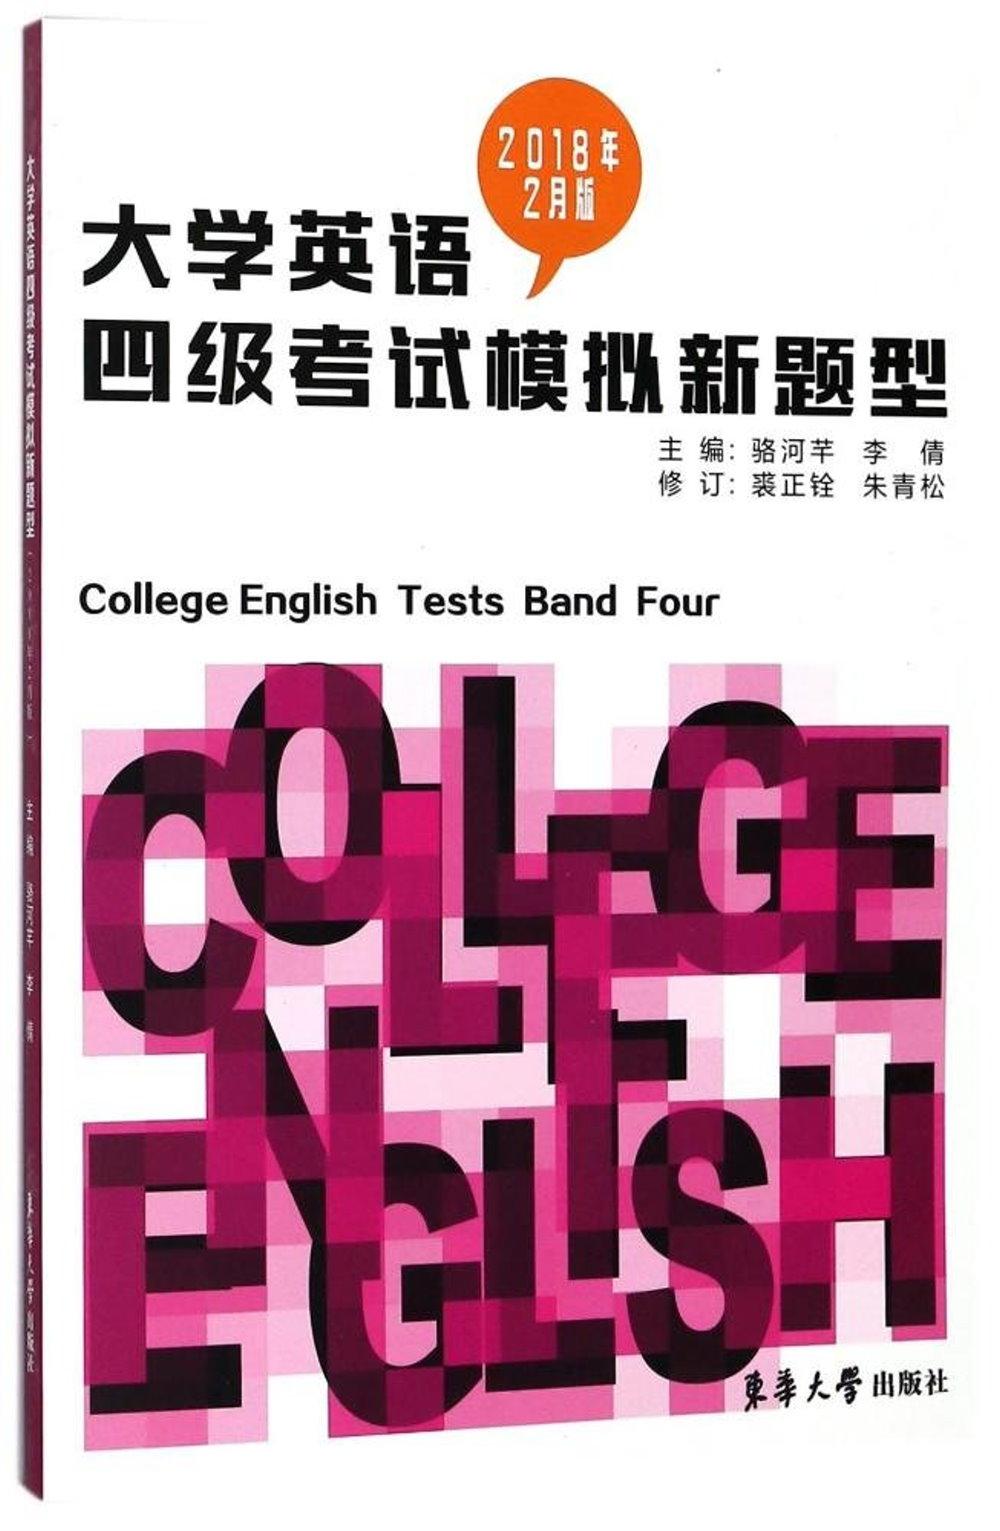 大學英語四級考試模擬新題型(2018年2月版)